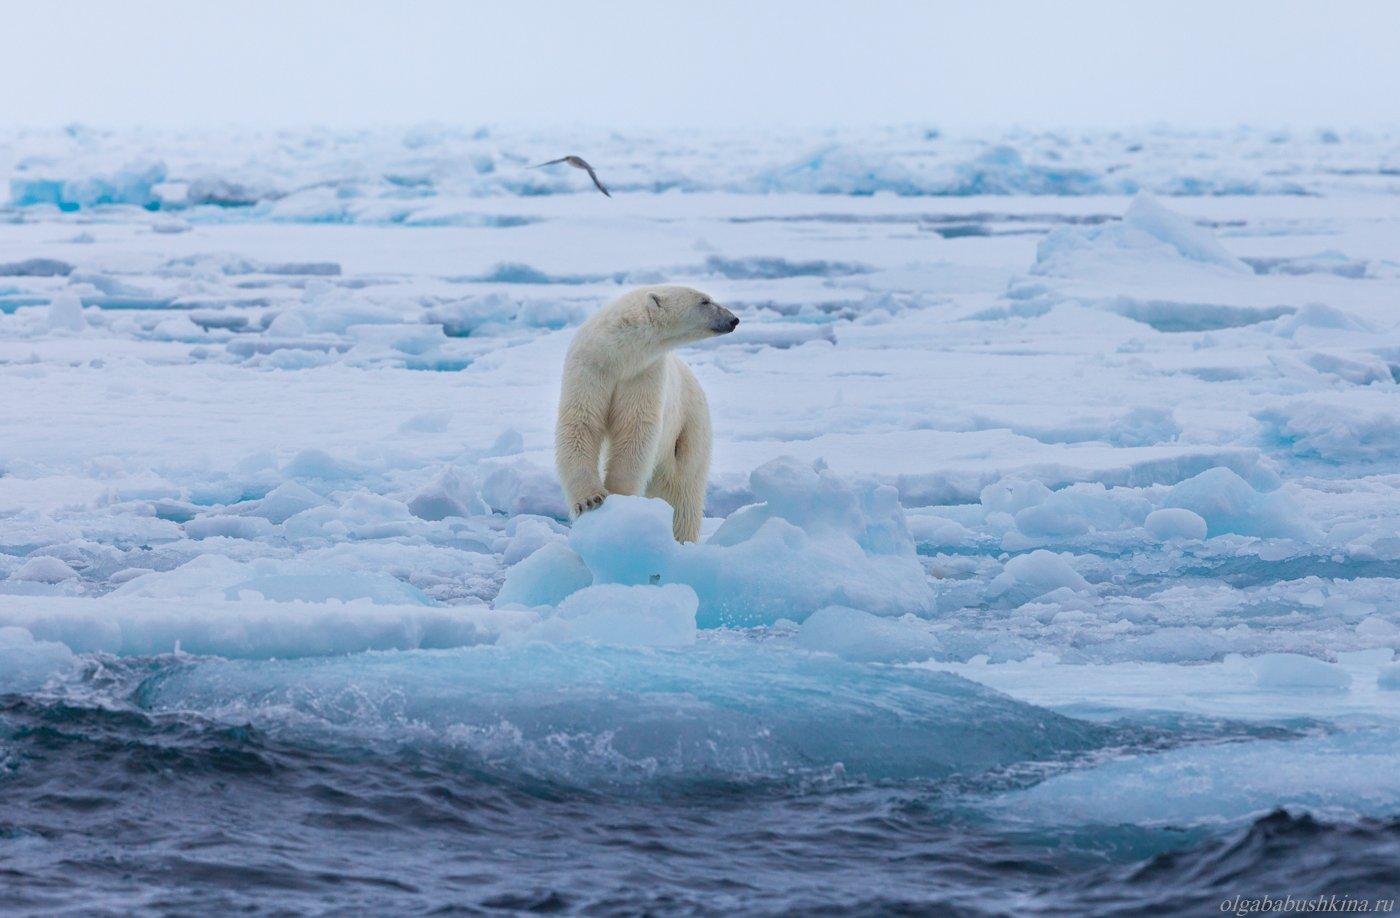 белый медведь, шпицберген, свальбард, арктика, arctic, svalbard, Бабушкина Ольга